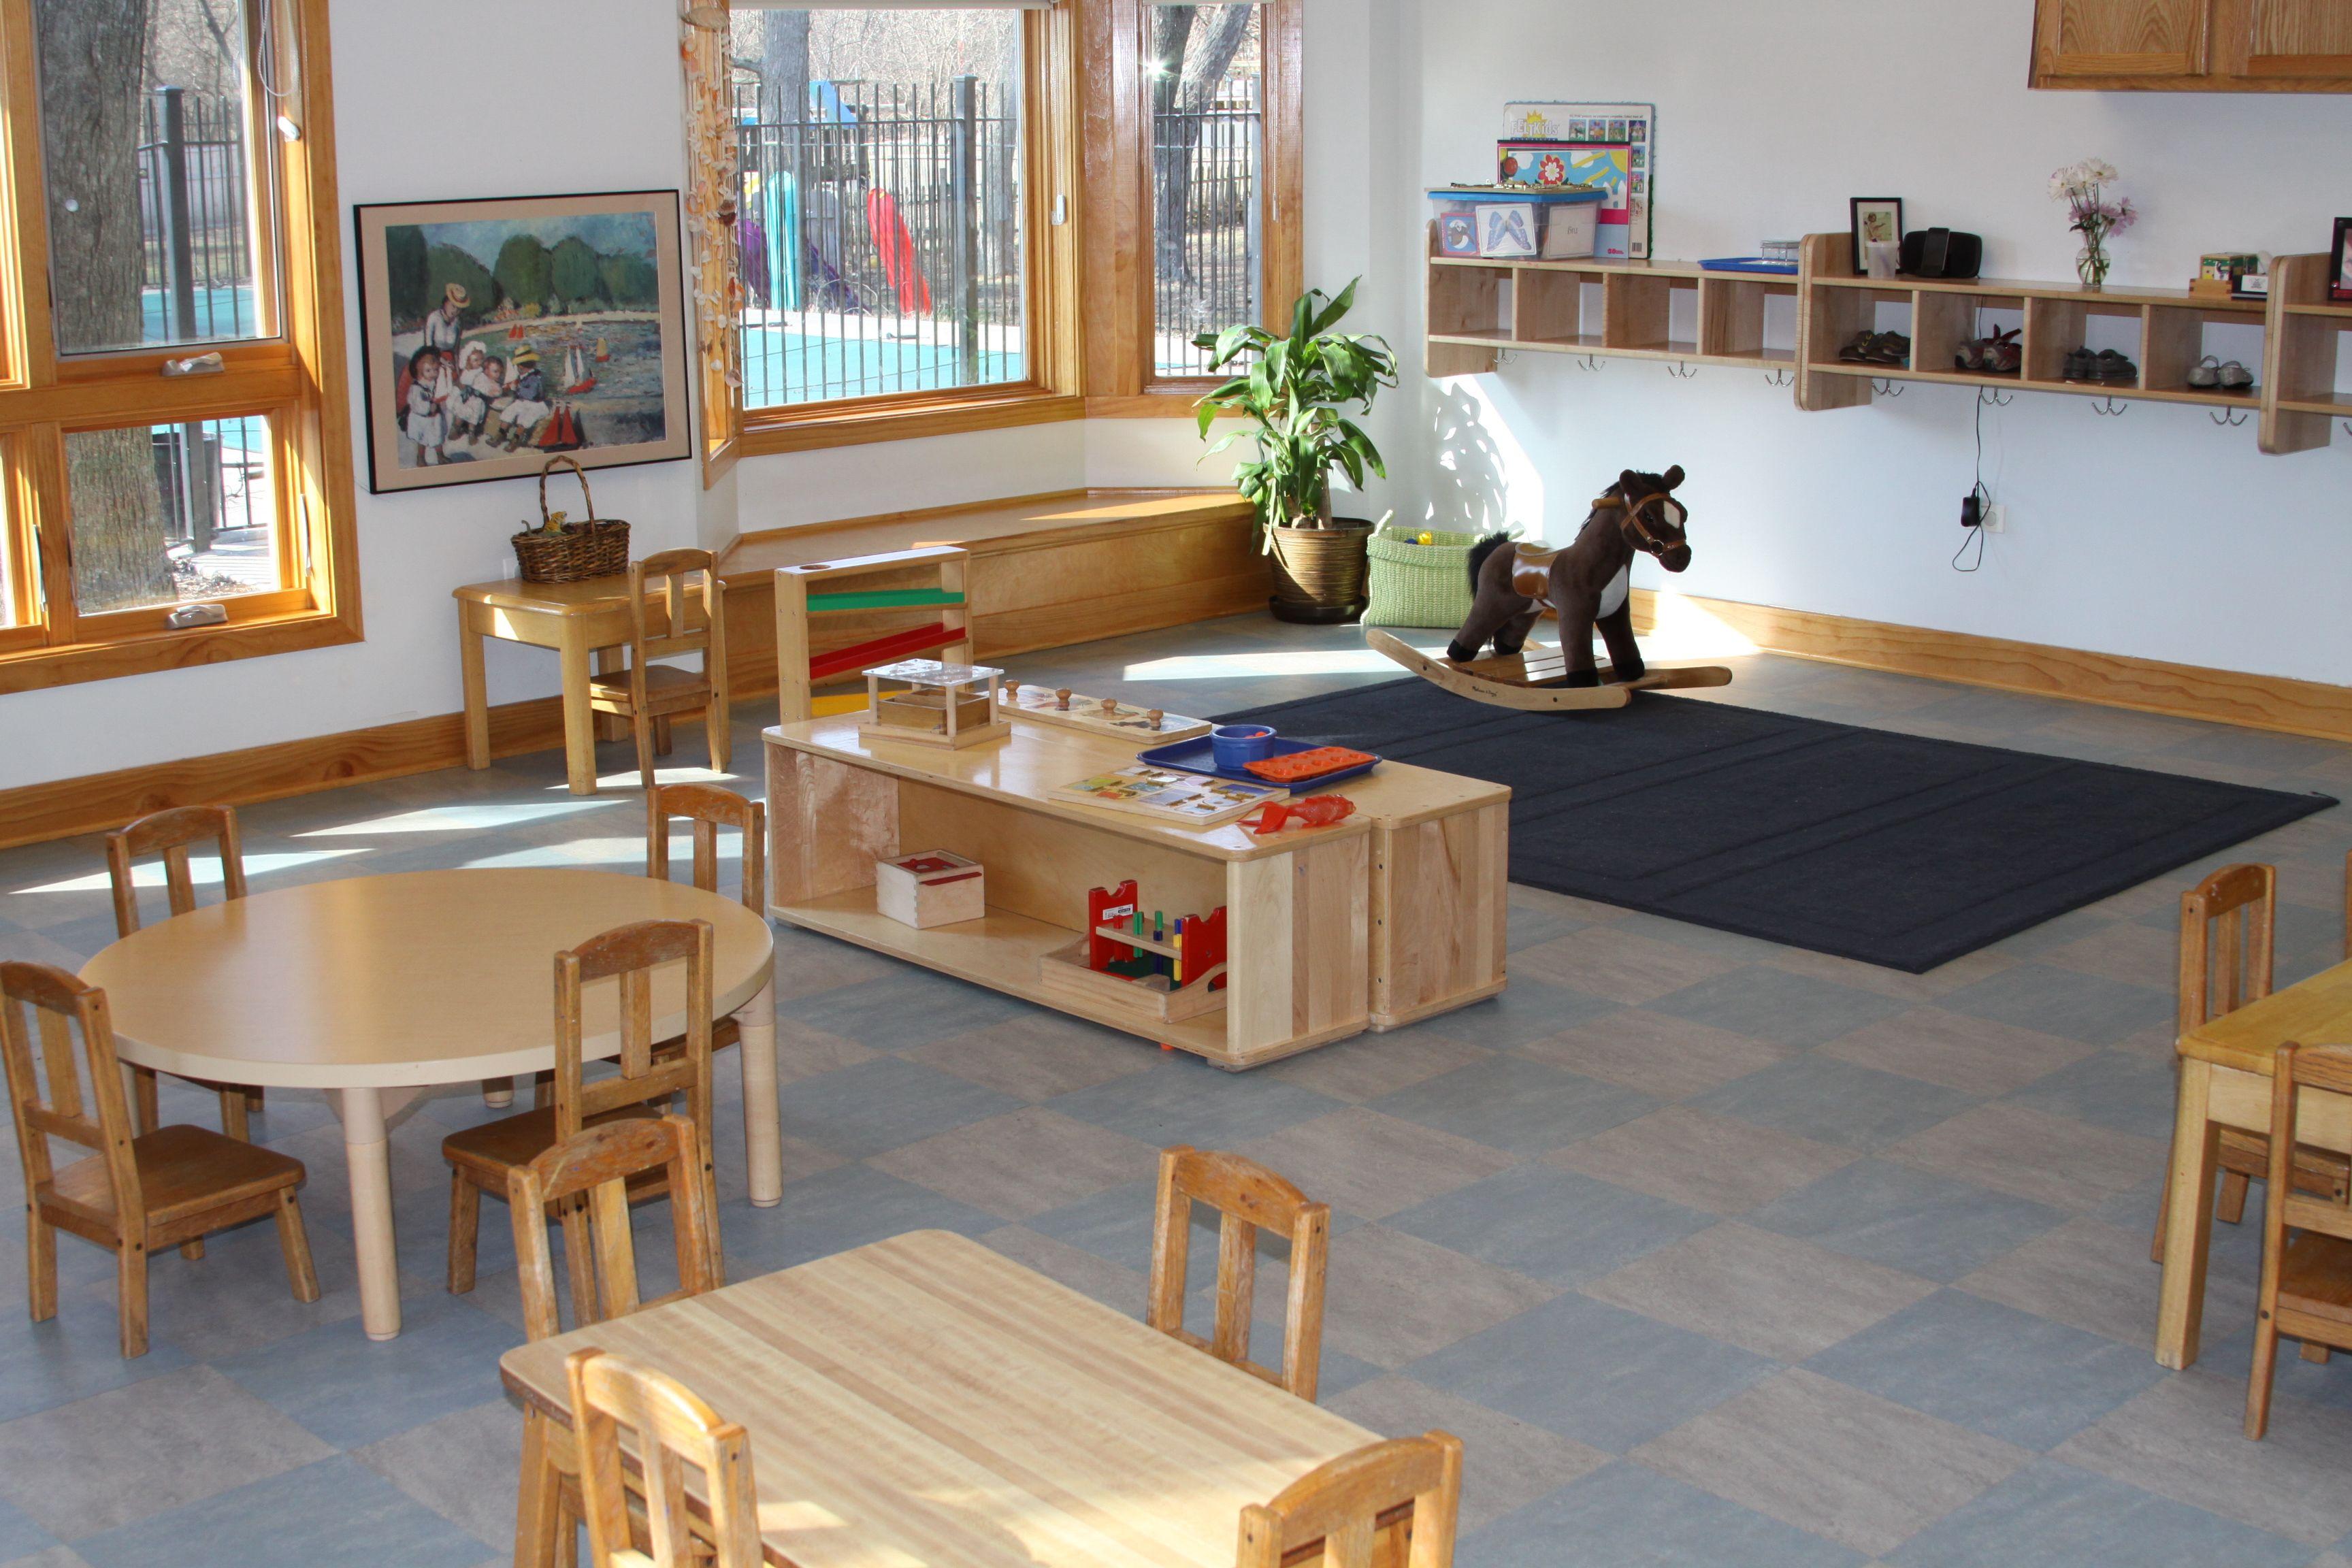 Montessori Classroom Wall Design ~ Awesome montessori classroom design images